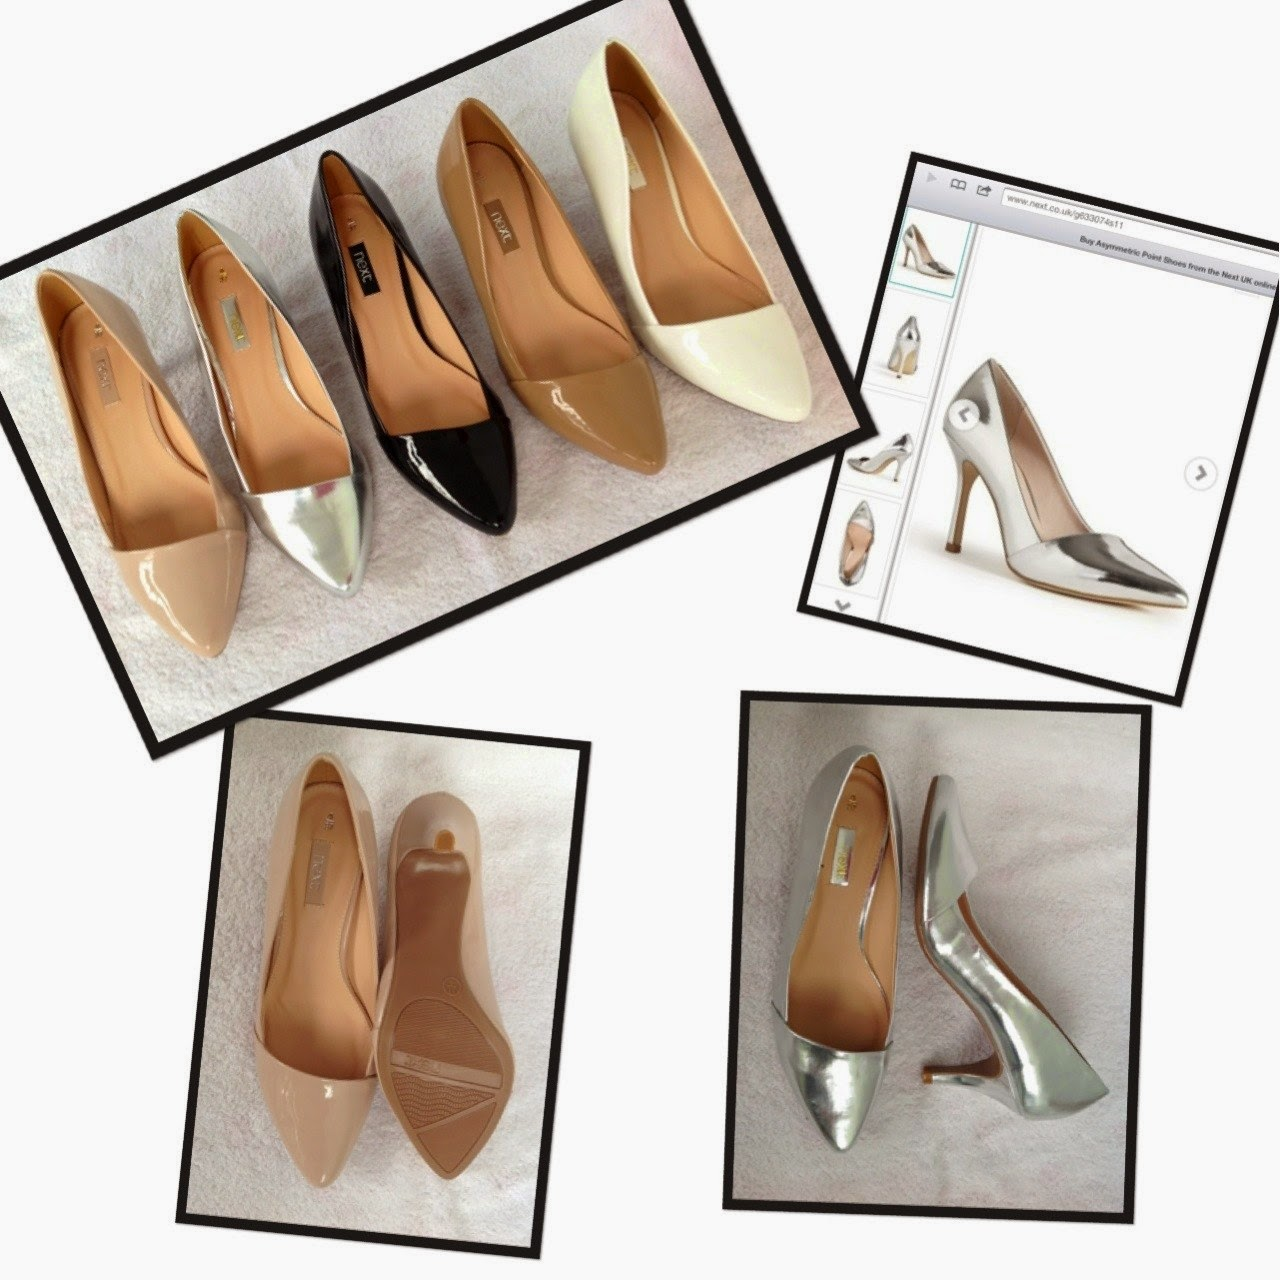 Chuyên bán buôn giày dép nữ XK